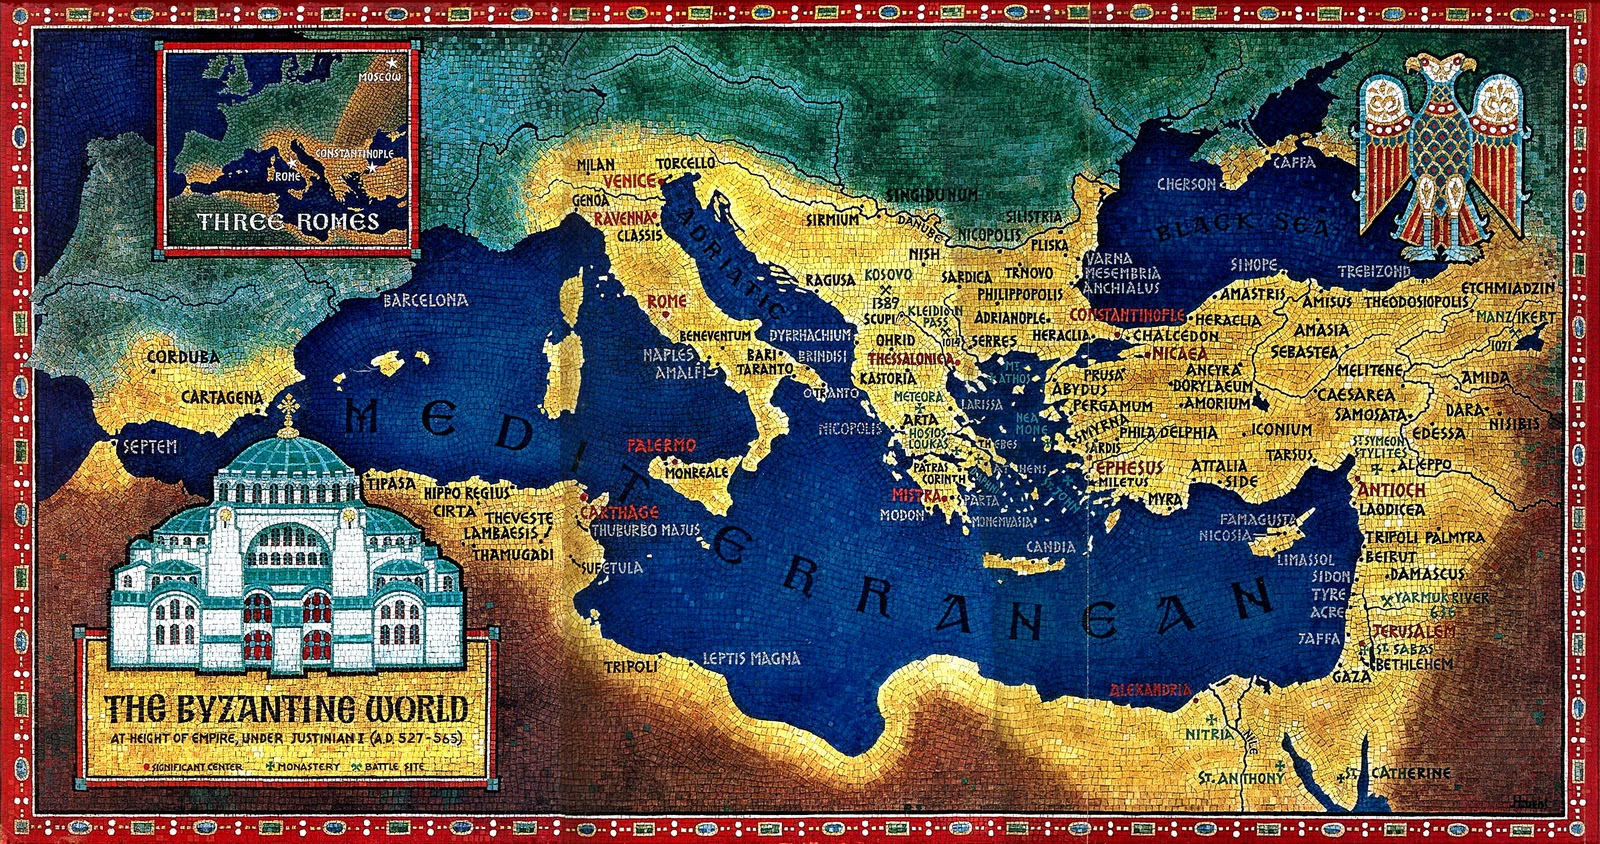 Αποτέλεσμα εικόνας για βυζαντινη αυτοκρατορια